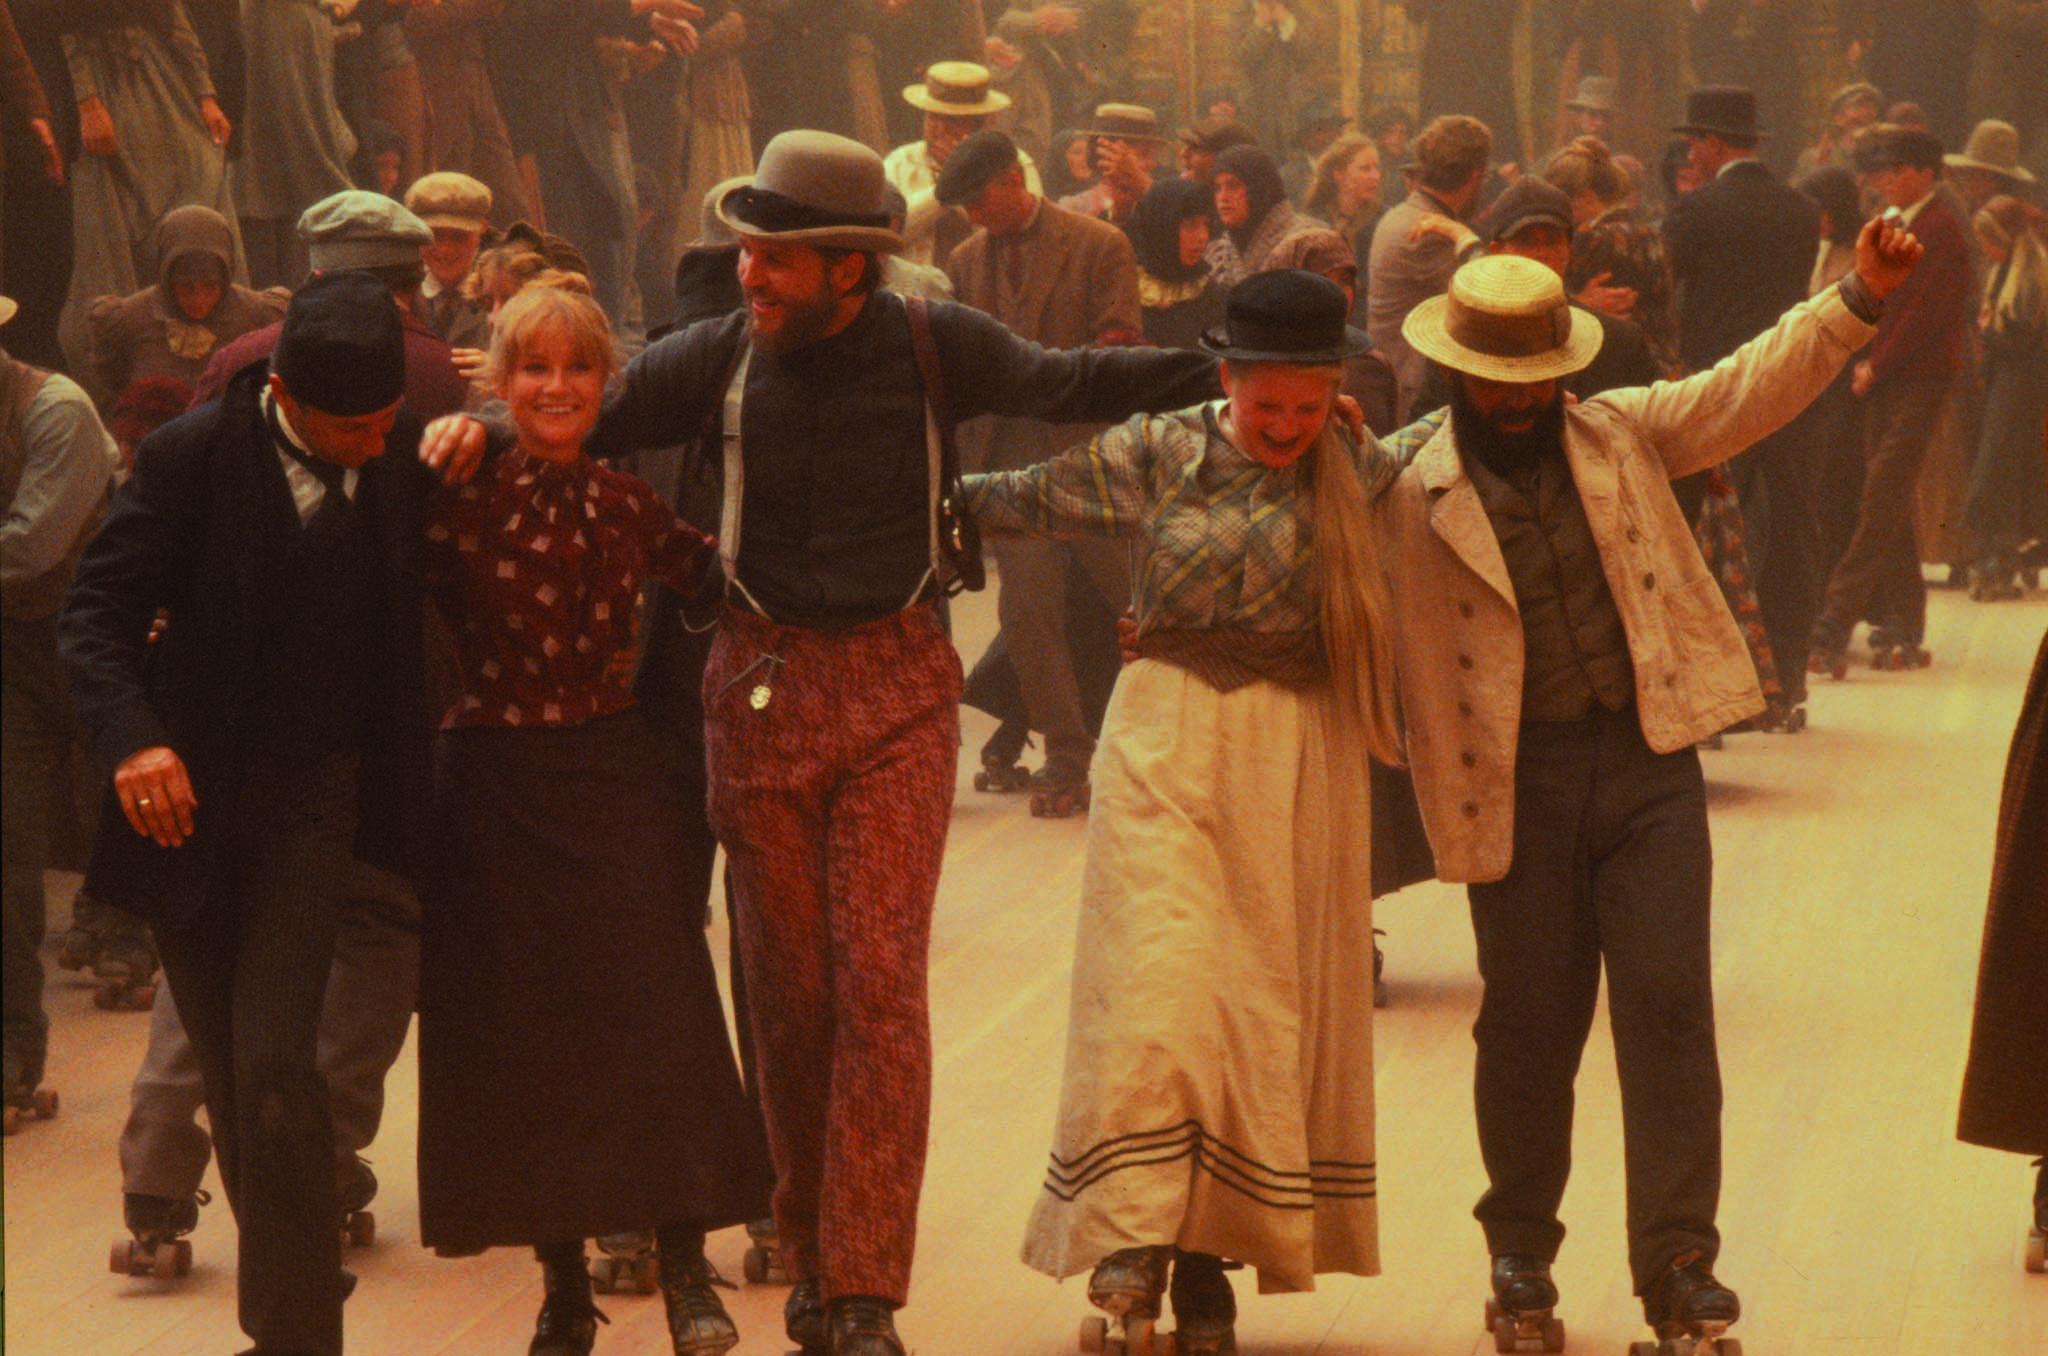 I cancelli del cielo: Isabelle Huppert e Jeff Bridges tra i ballerini sui pattini